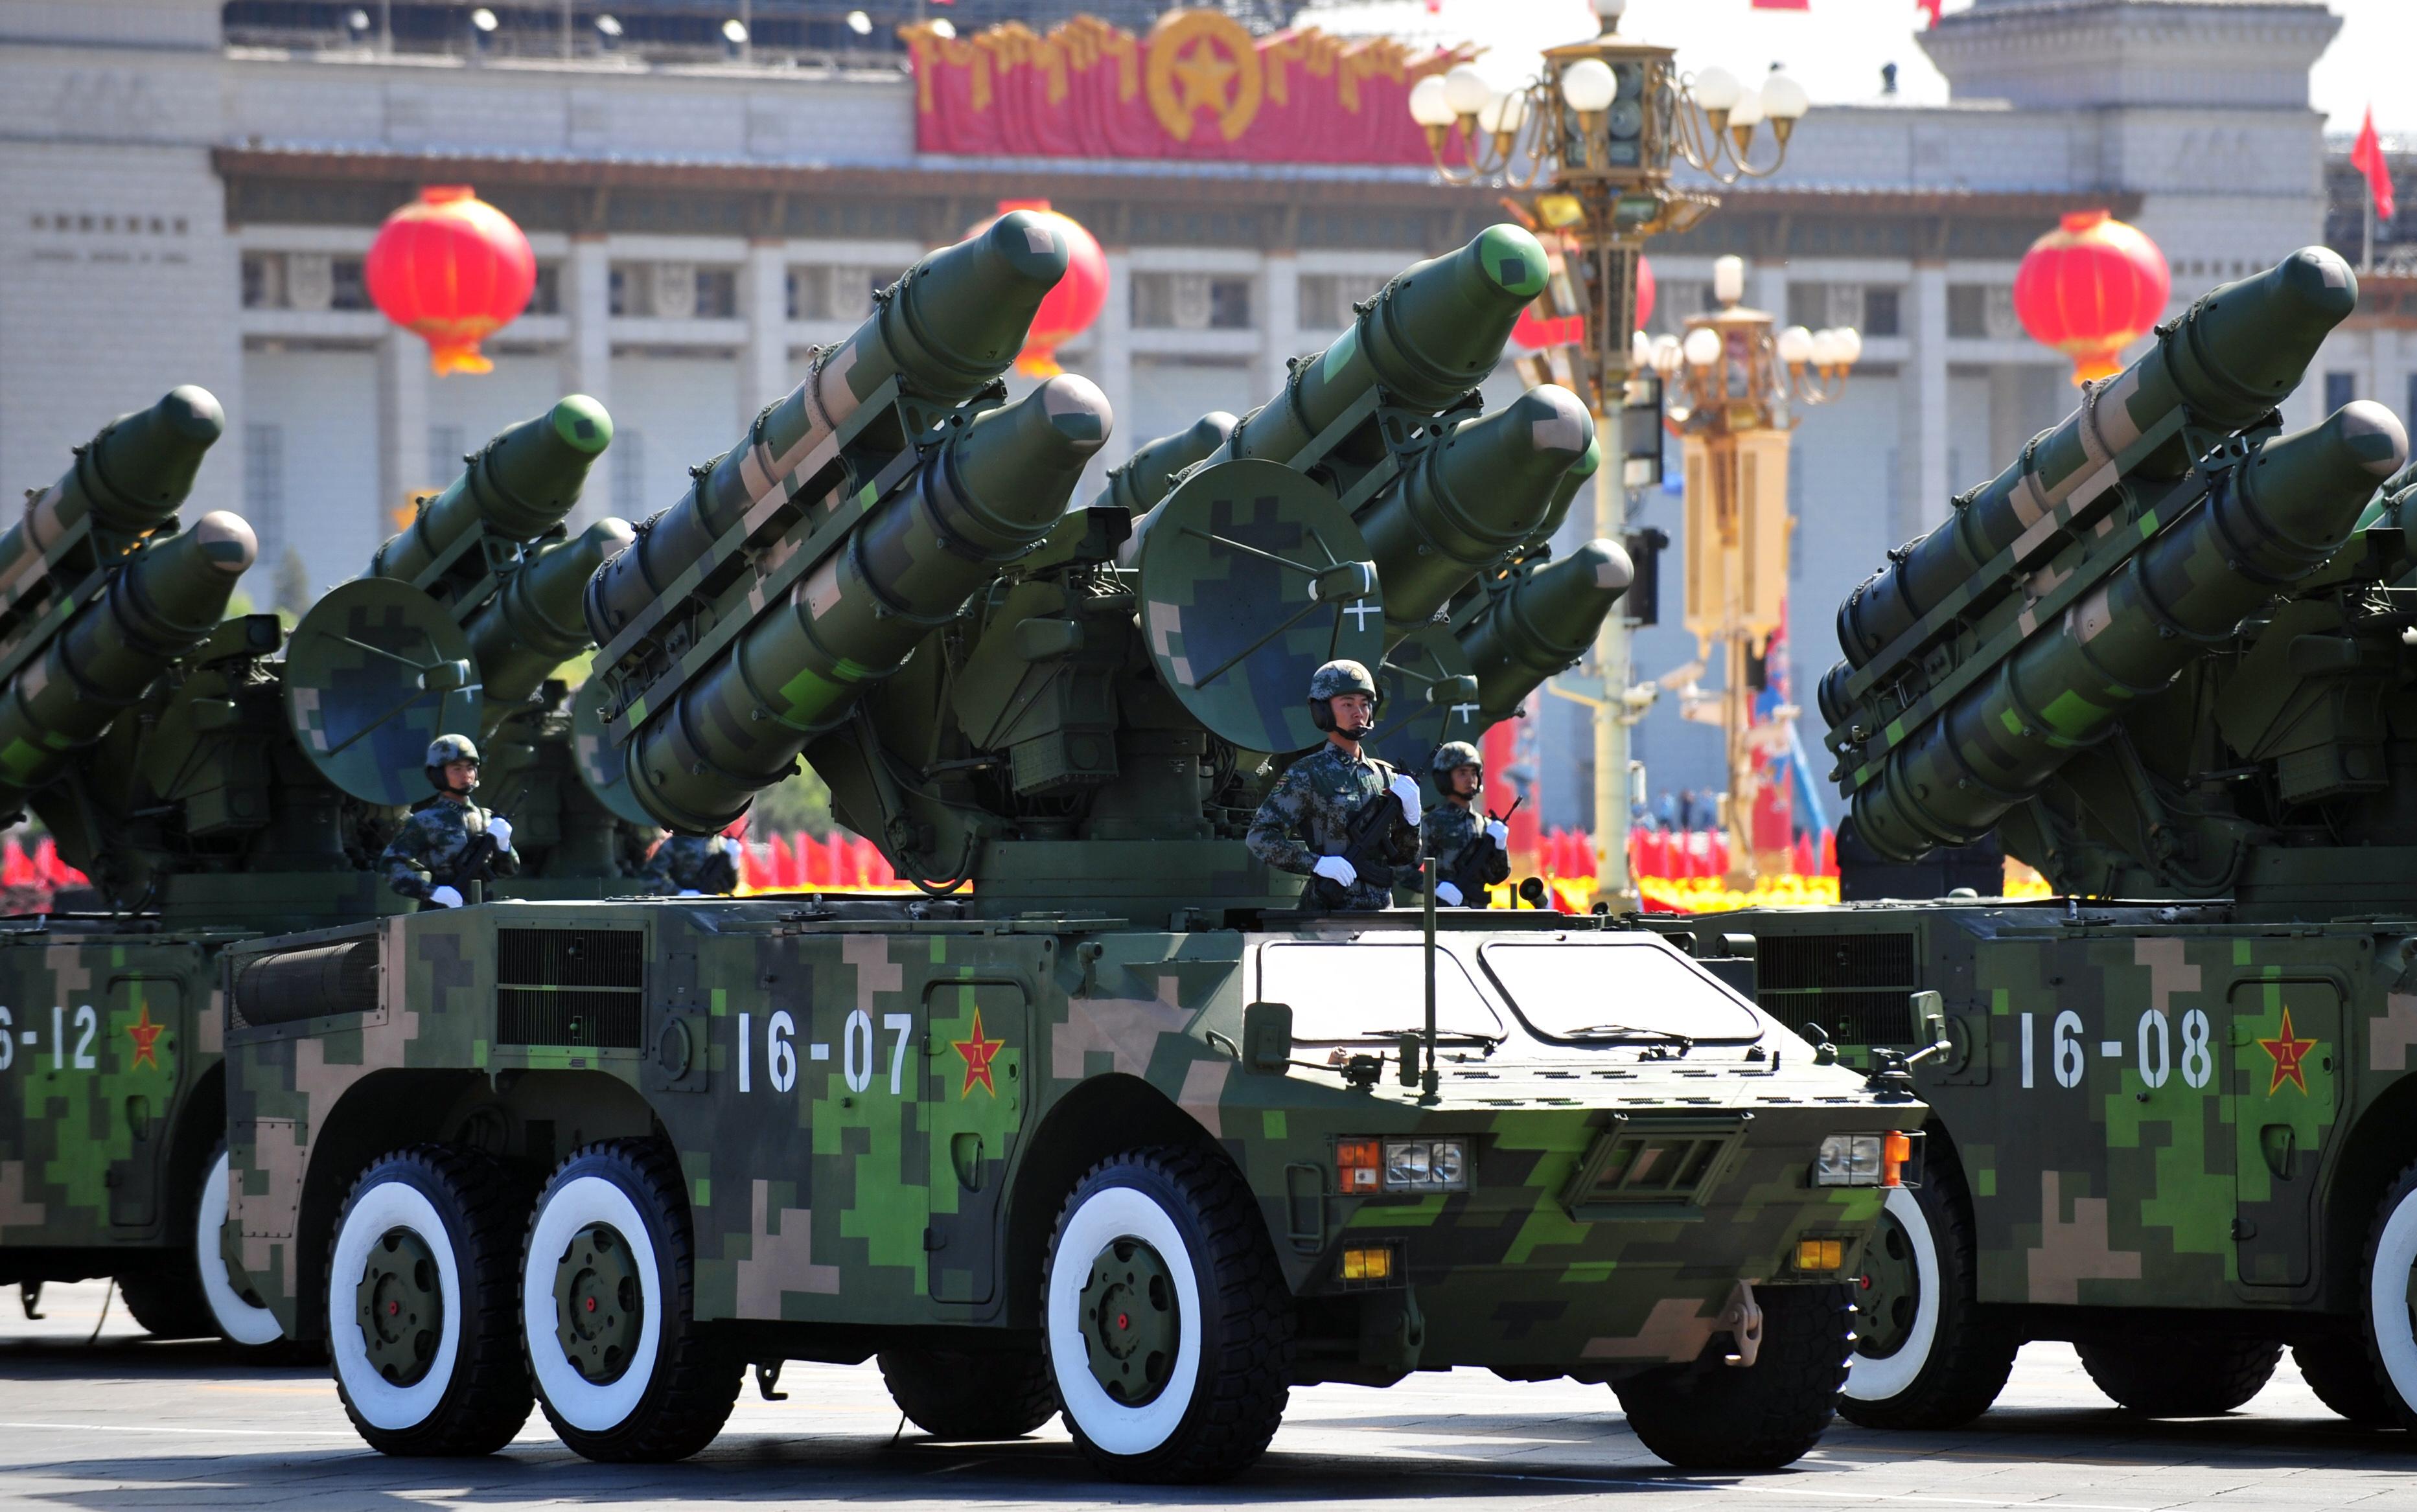 10 sự thật về quân đội Trung Quốc đương đại (P1) 1